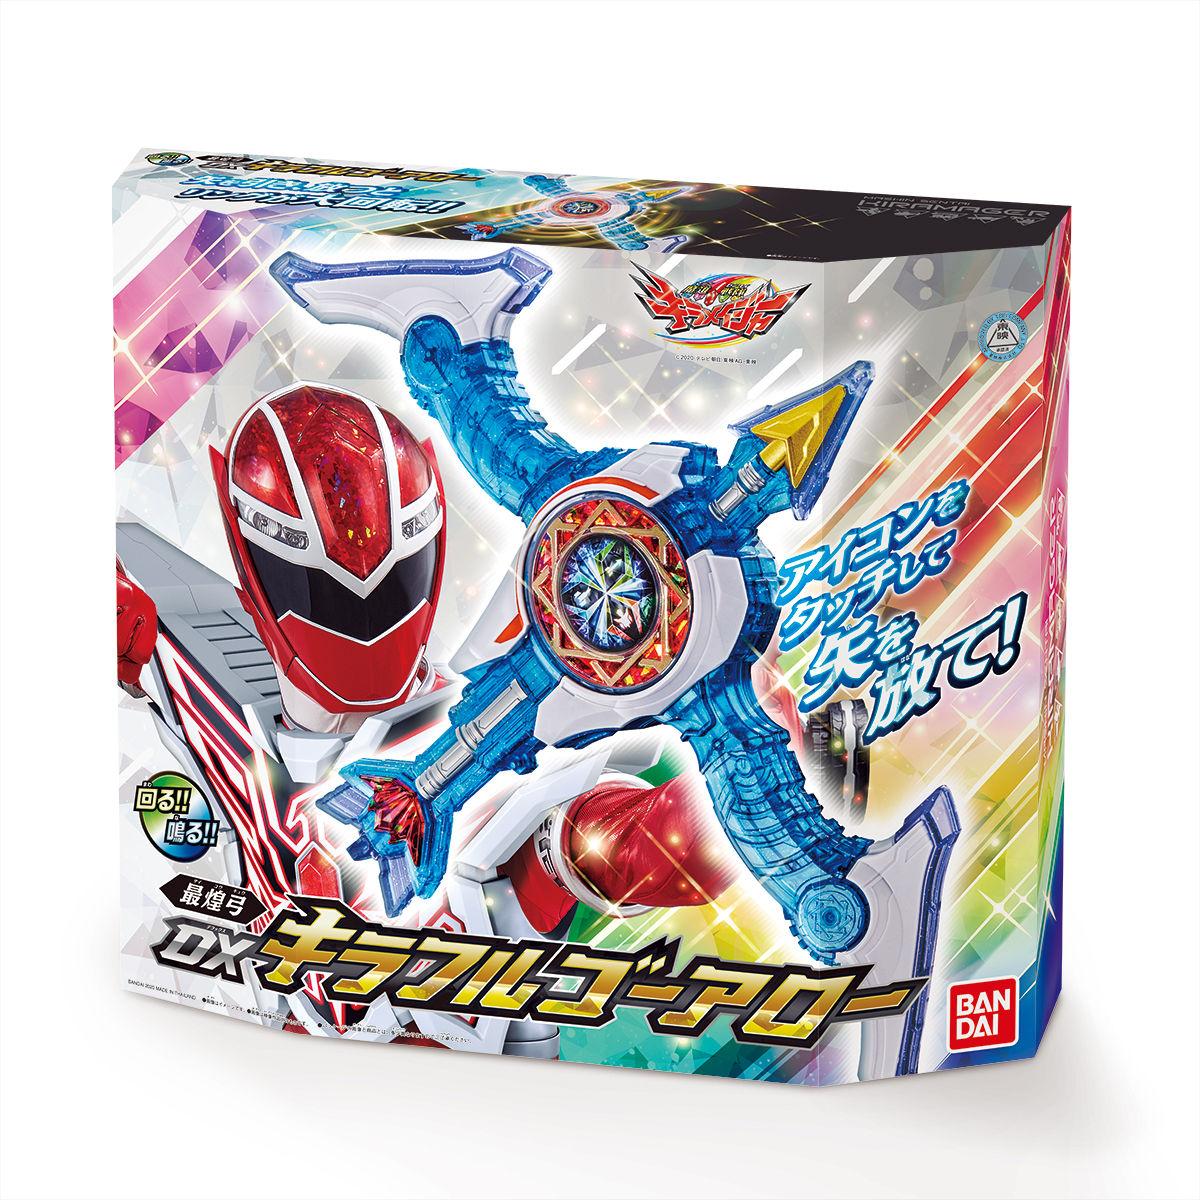 魔進戦隊キラメイジャー『最煌弓 DXキラフルゴーアロー』ゴーキラメイジャー 変身なりきり-006